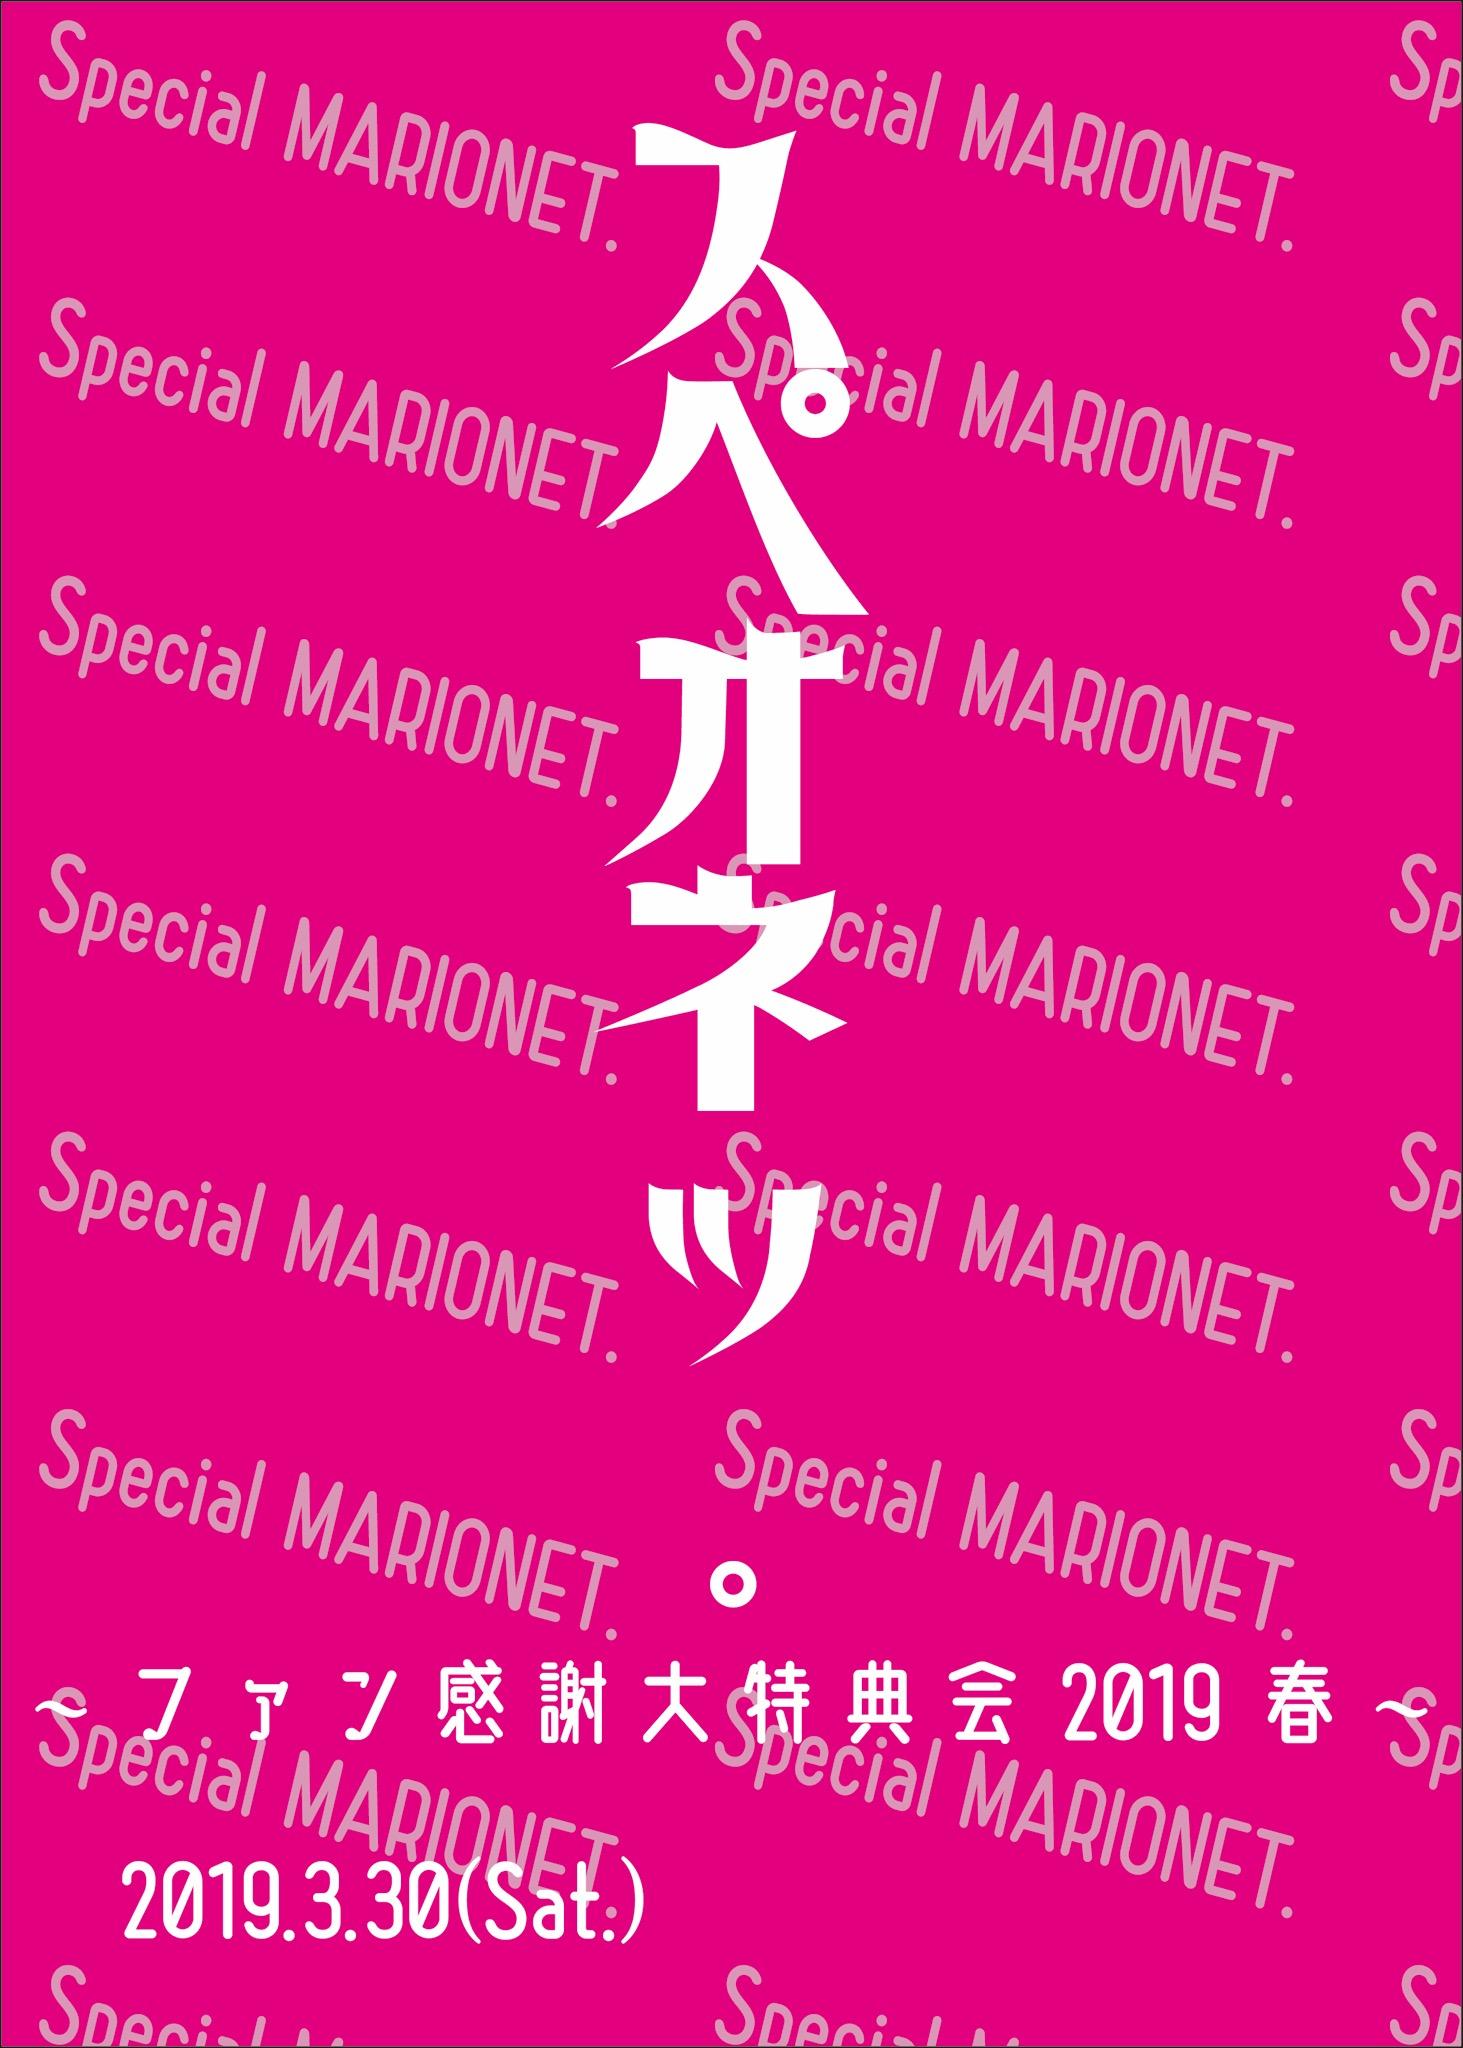 スペオネッ。〜ファン感謝大特典会2019 春〜